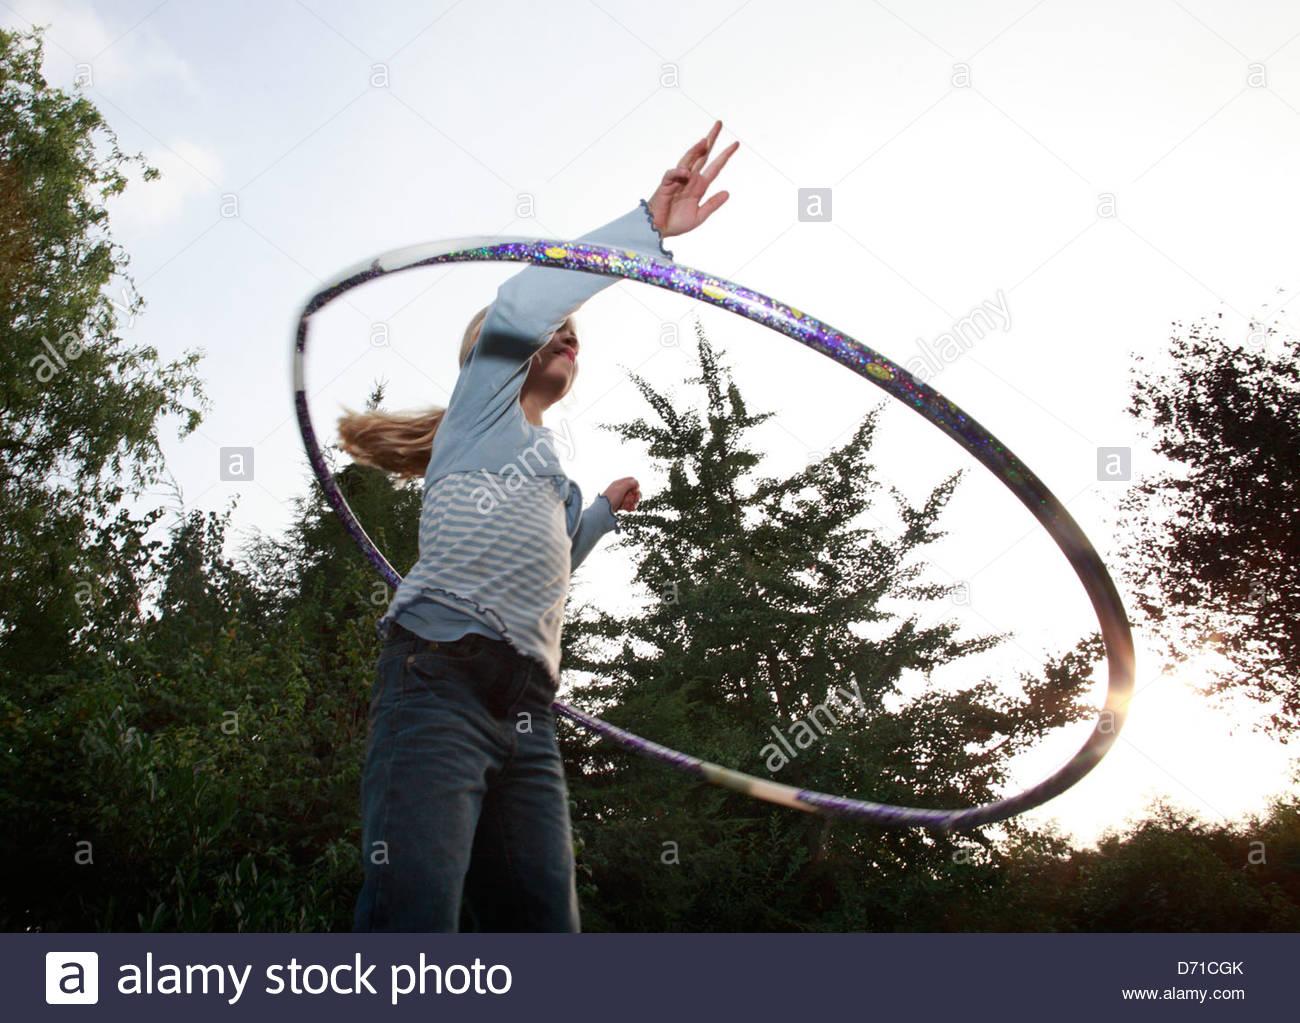 Niedrigen Winkel Blick auf ein Mädchen spielen mit einem Hula-Hoop Stockbild